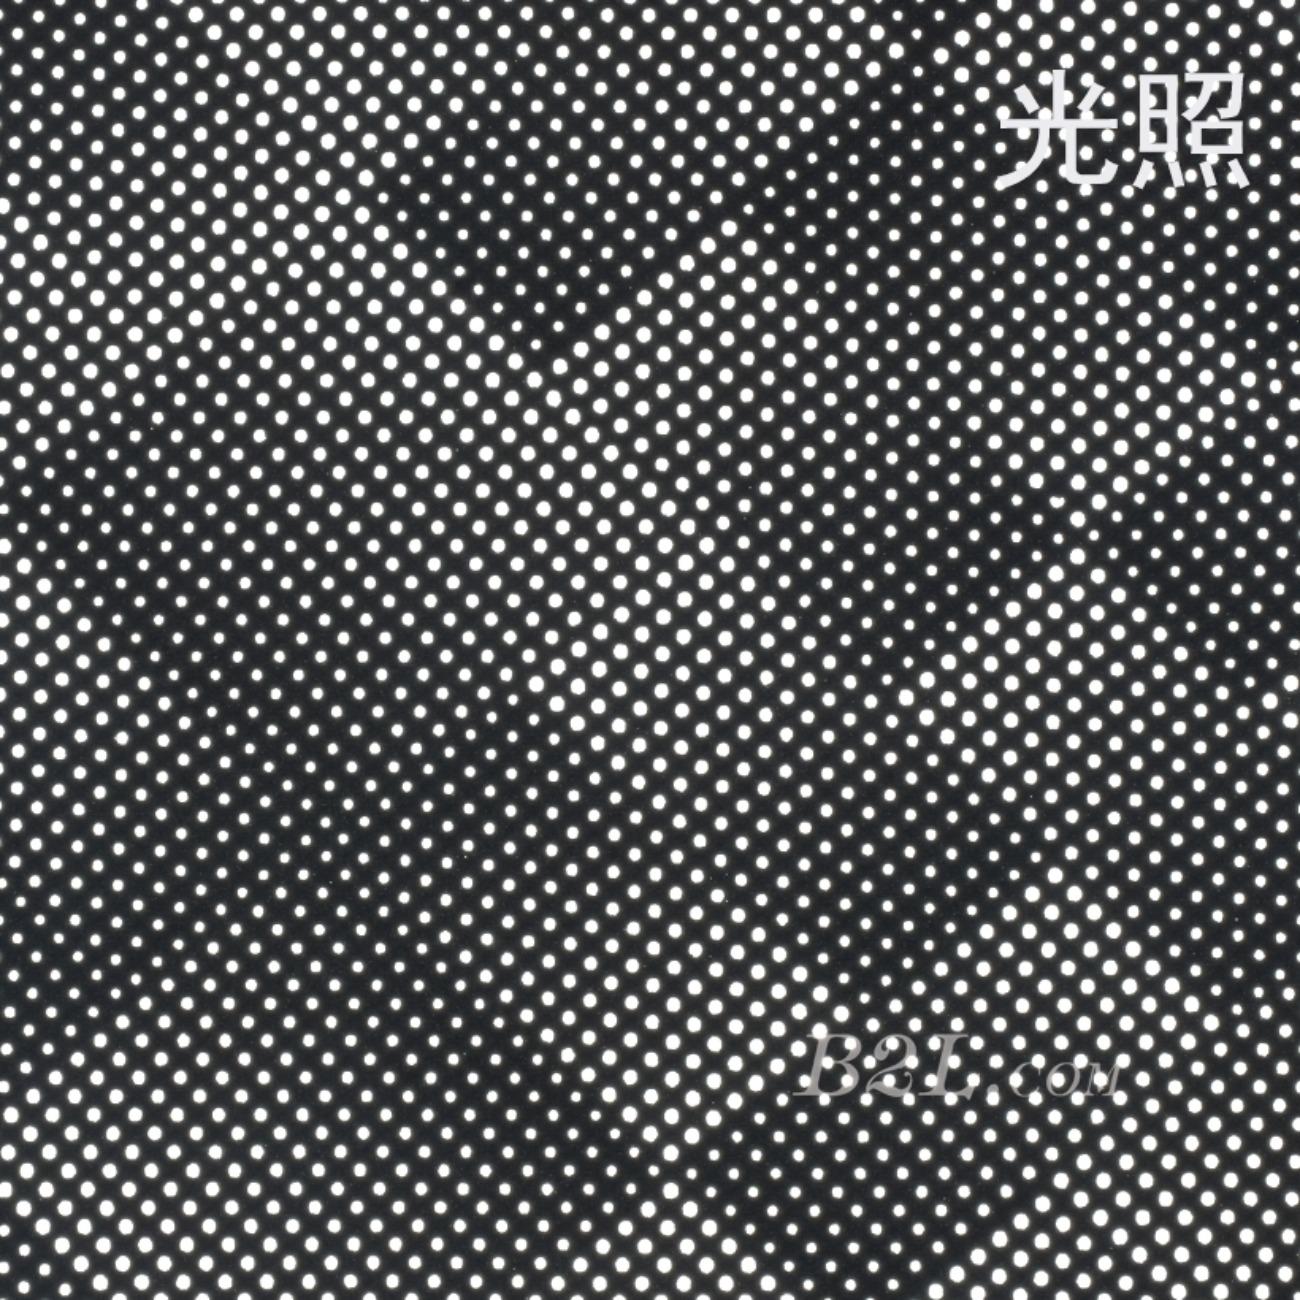 印花 涂层 渐变 几何 菱形格 反光 春秋 时装 连衣裙 运动服 90617-21